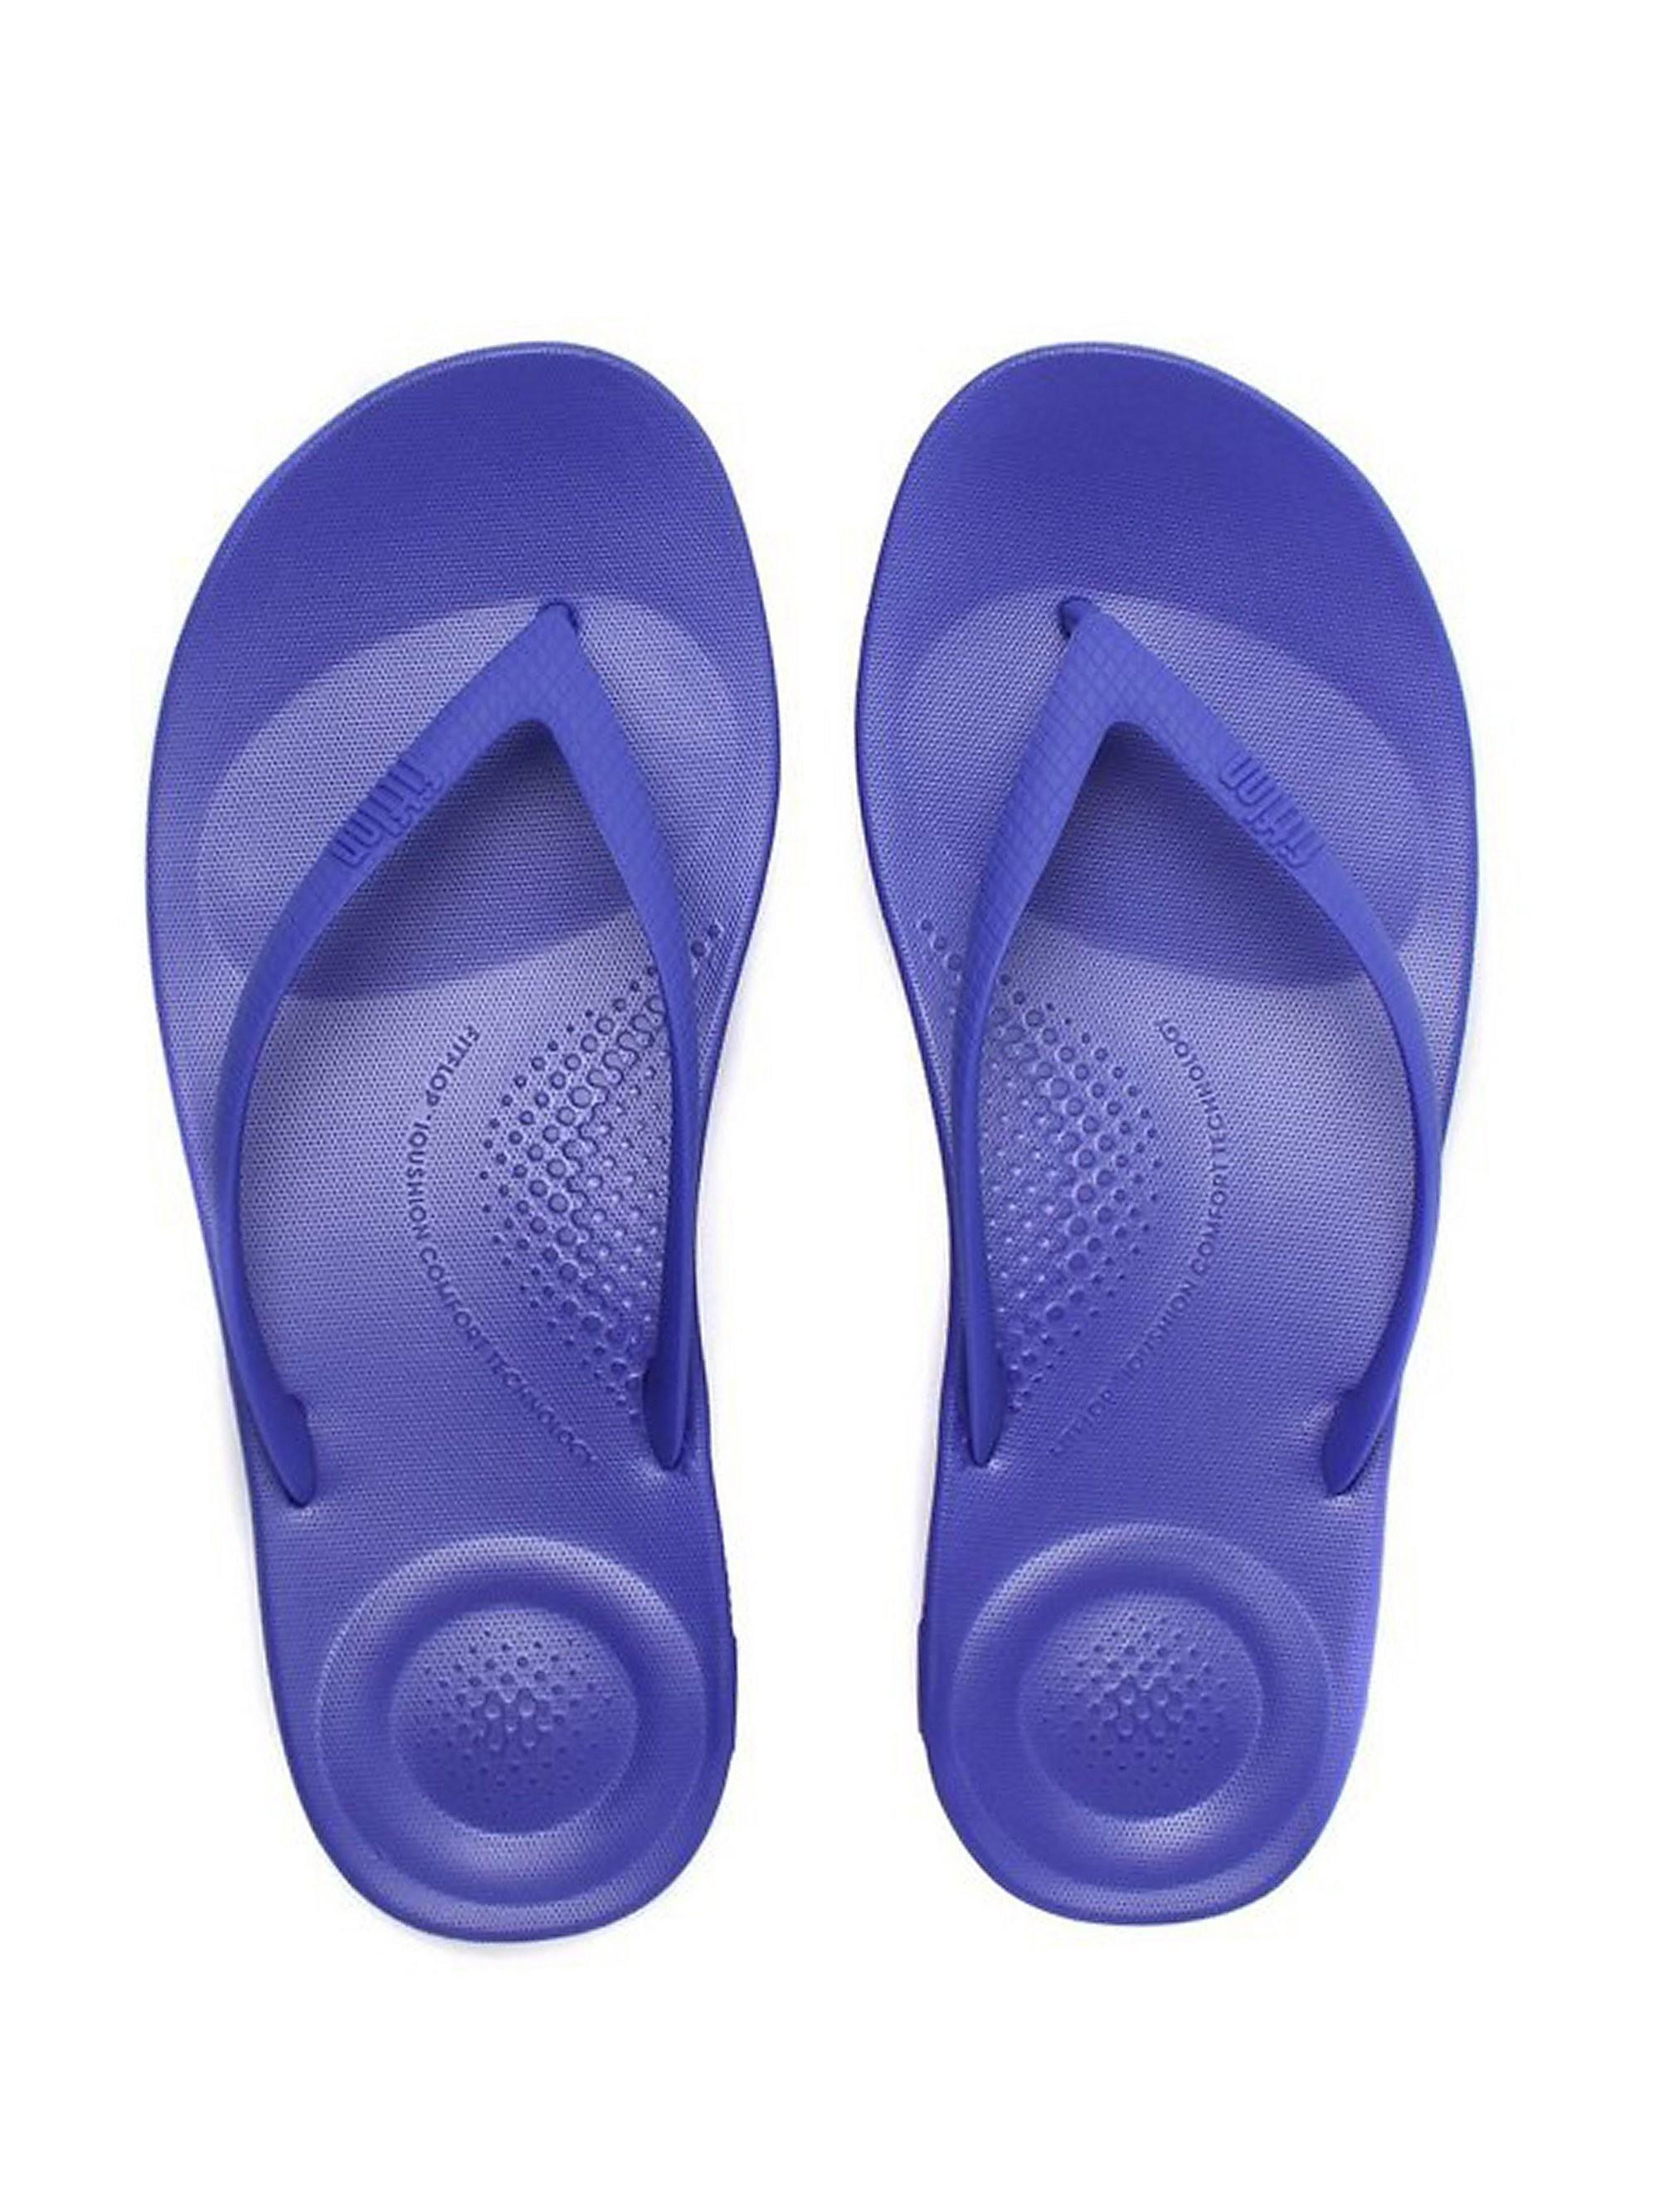 FitFlop Women's iQUSHION Ergonomic Flip Flops - Royal Blue